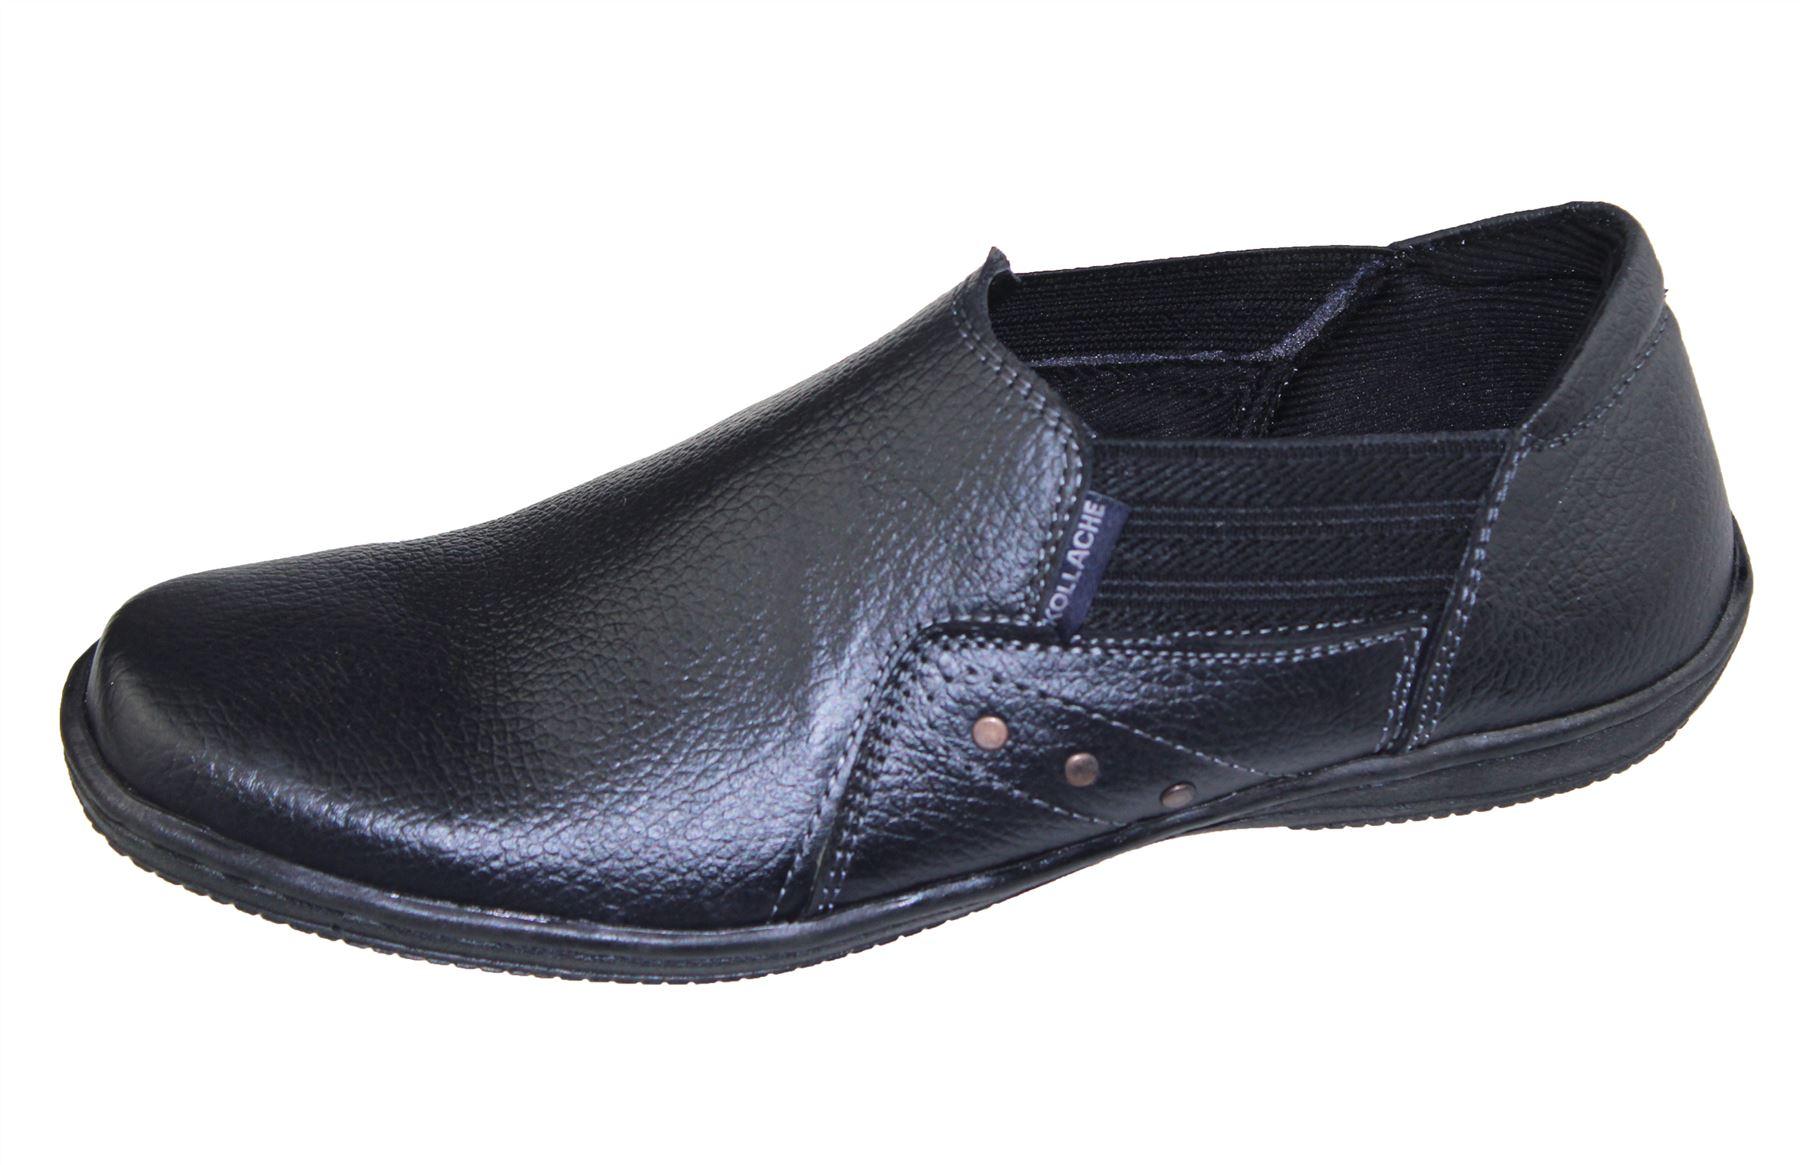 Mens Slip on Walking Boat Deck Mocassin Comfort Loafers Driving ... ef01fd5843b